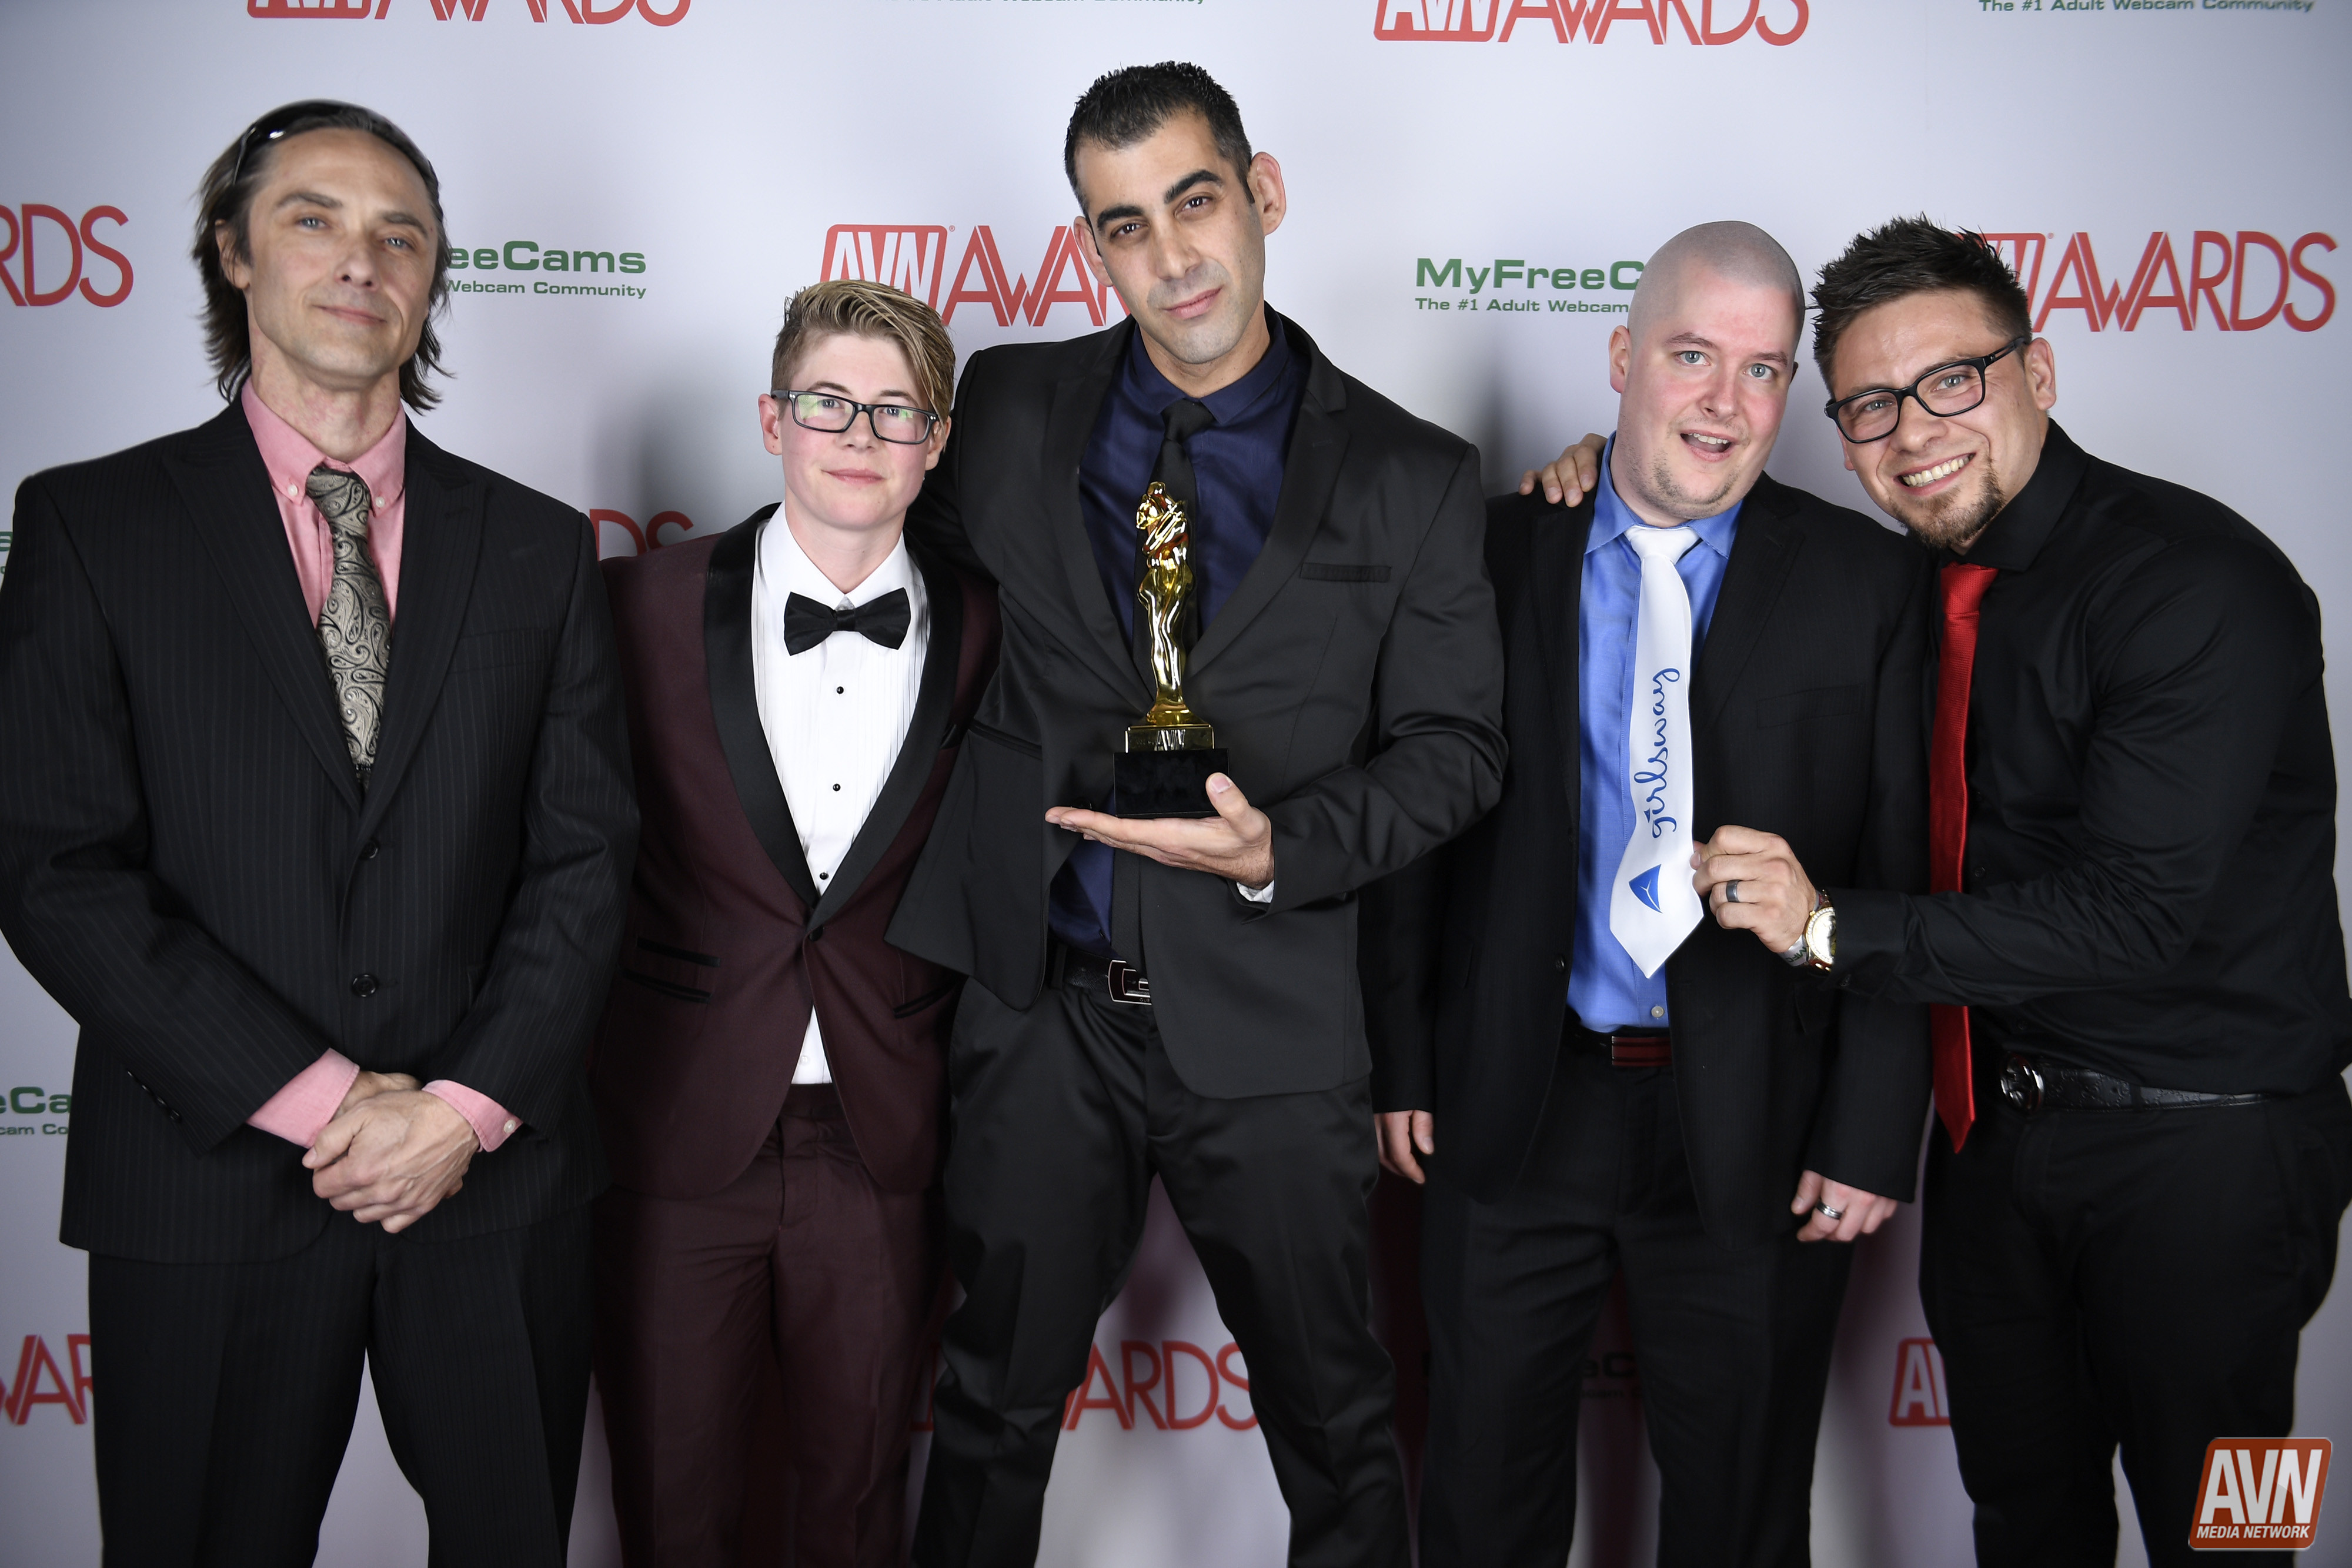 Avn award winner